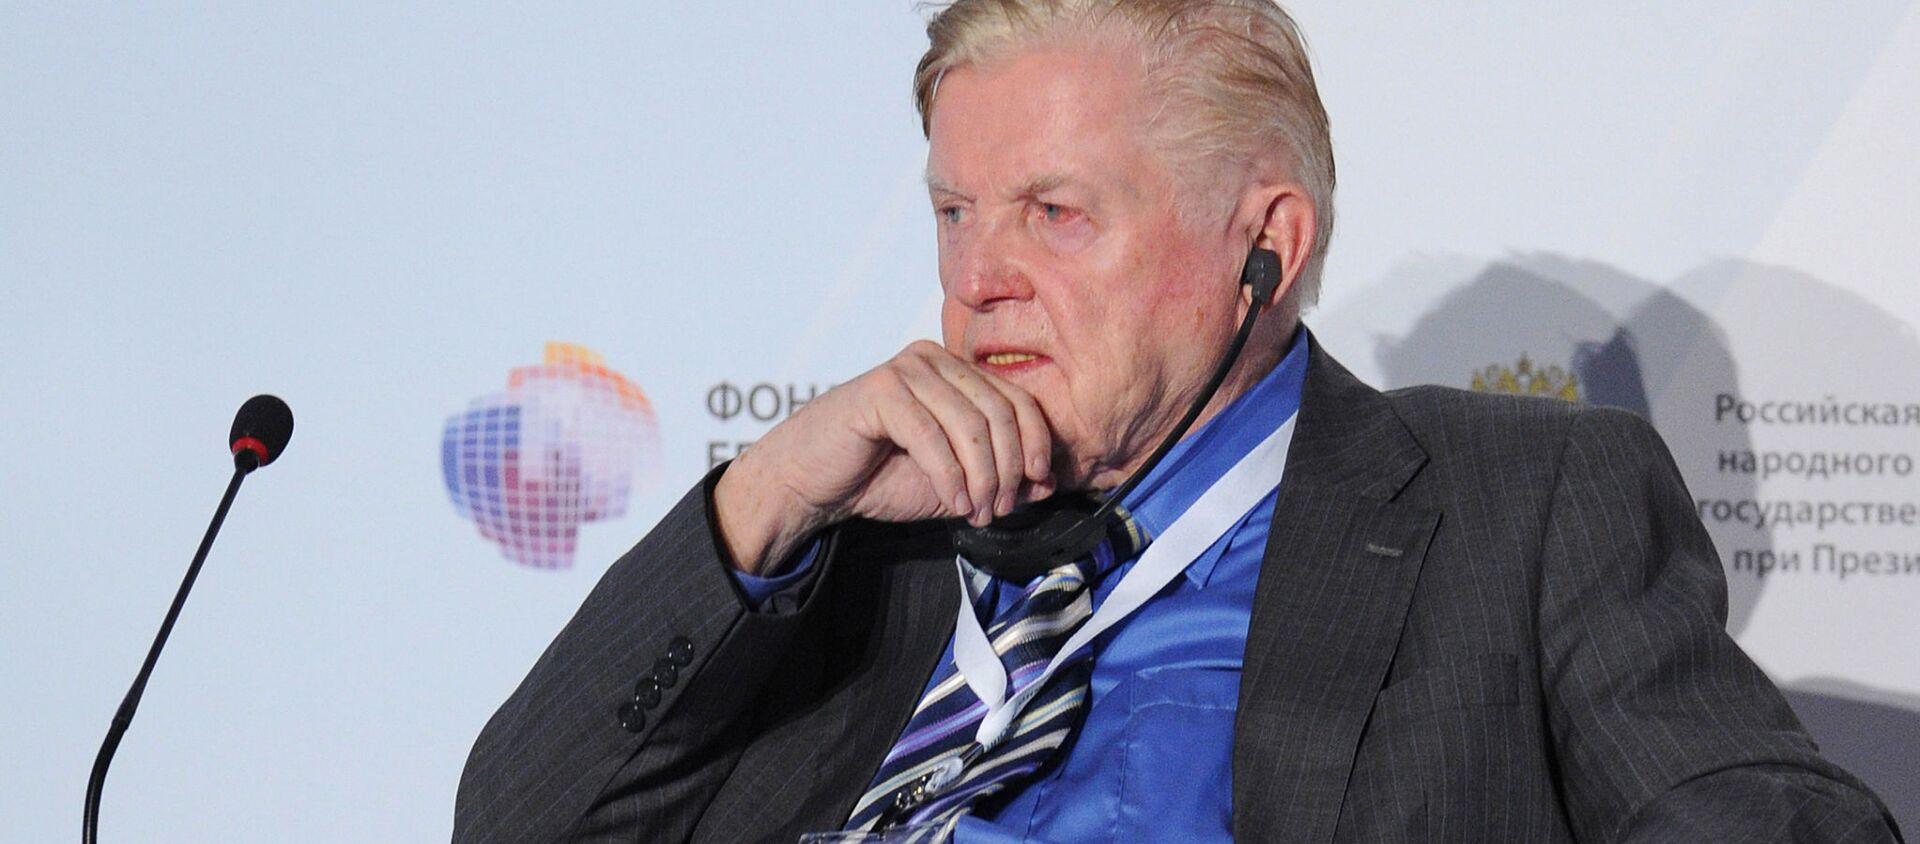 Лауреат Нобелевской премии 1999 года по экономике канадский ученый Роберт Манделл - Sputnik Грузия, 1920, 06.04.2021